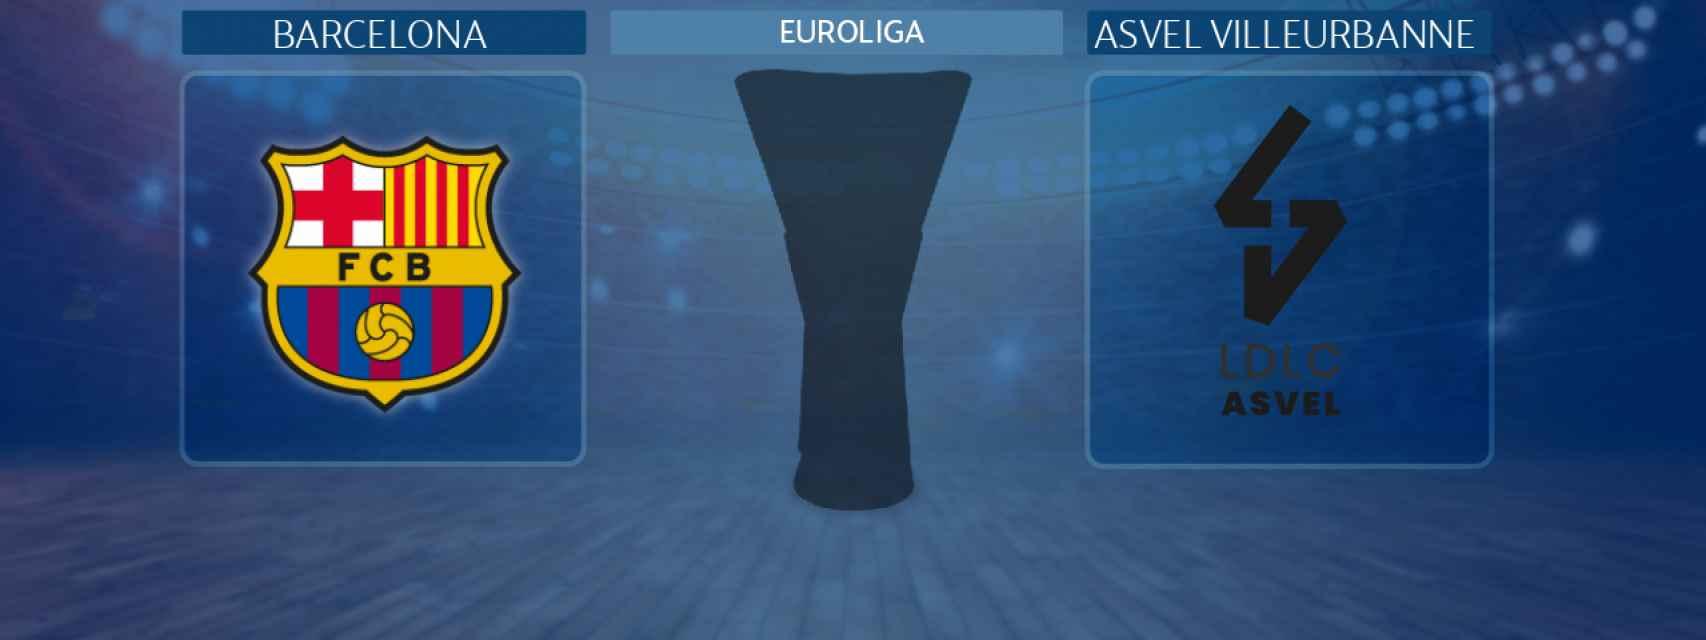 Barcelona - Asvel Villeurbanne,   partido de la Euroliga